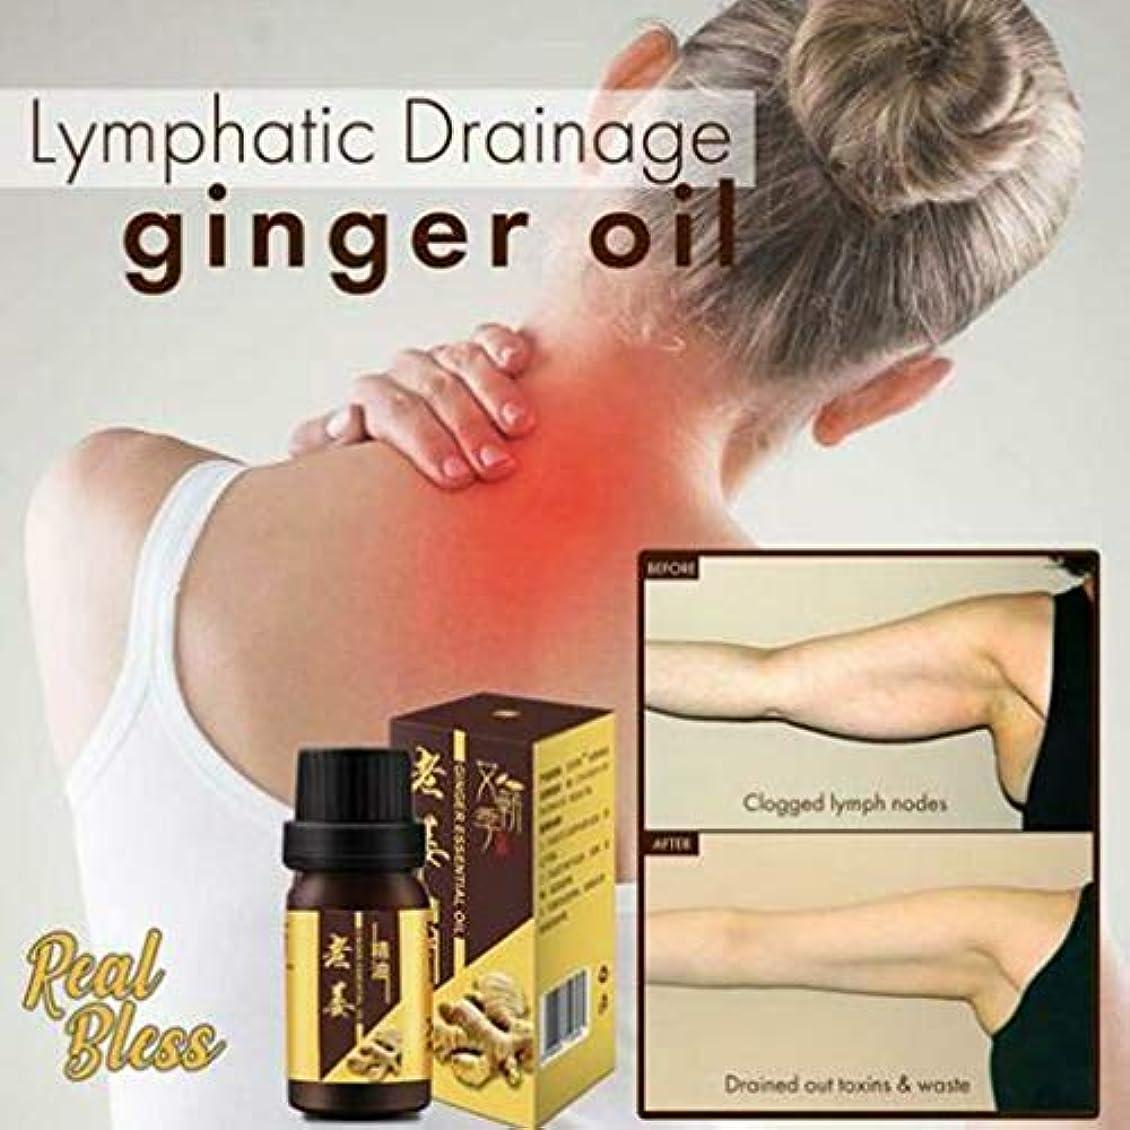 旅客頬骨起こるZooArts ジンジャーエッセンシャルオイル 精油 100%ピュアナチュラル ジンジャーオイル スパマッサージオイル ジンジャーオイルオーガニック Slimming Fat Miracle Ginger Oil 10ml